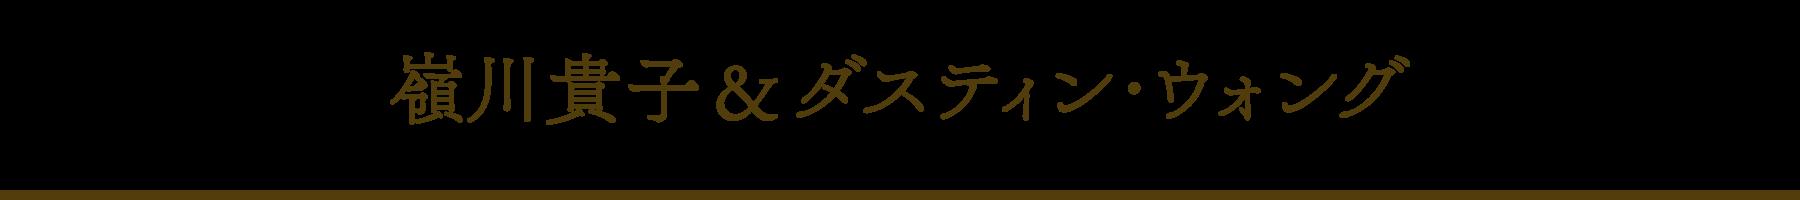 minekawadustin_logo_indivipage